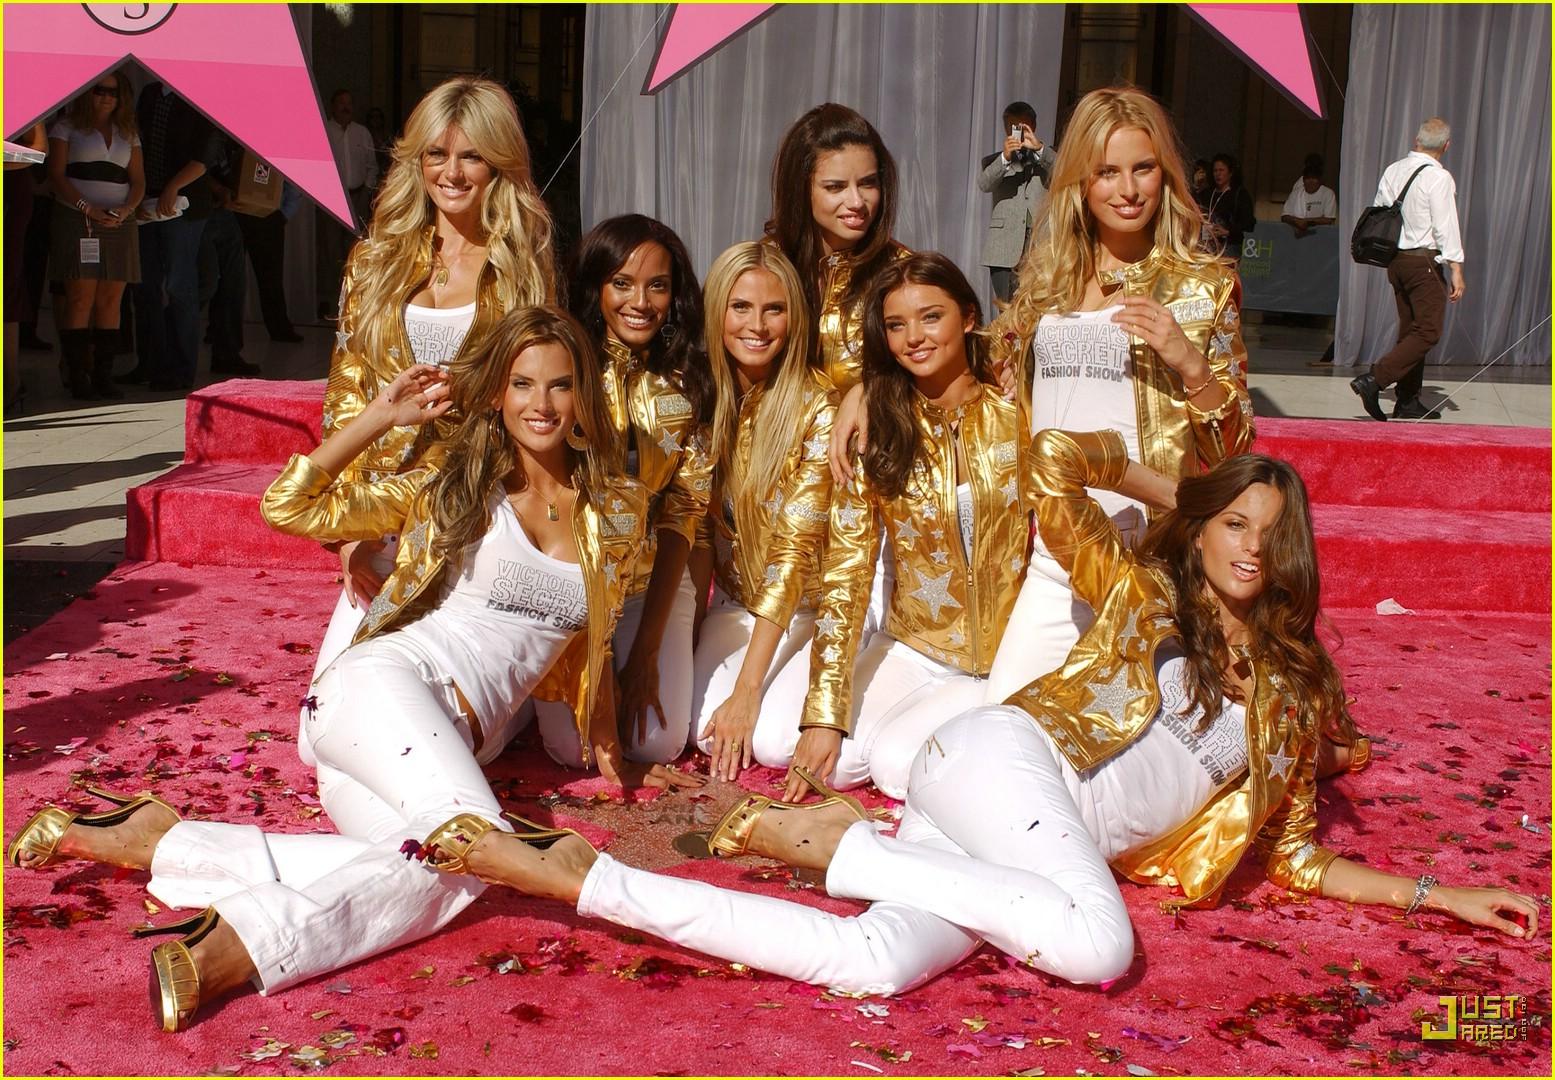 alessandra ambrosio victorias secret fashion show 2007 55